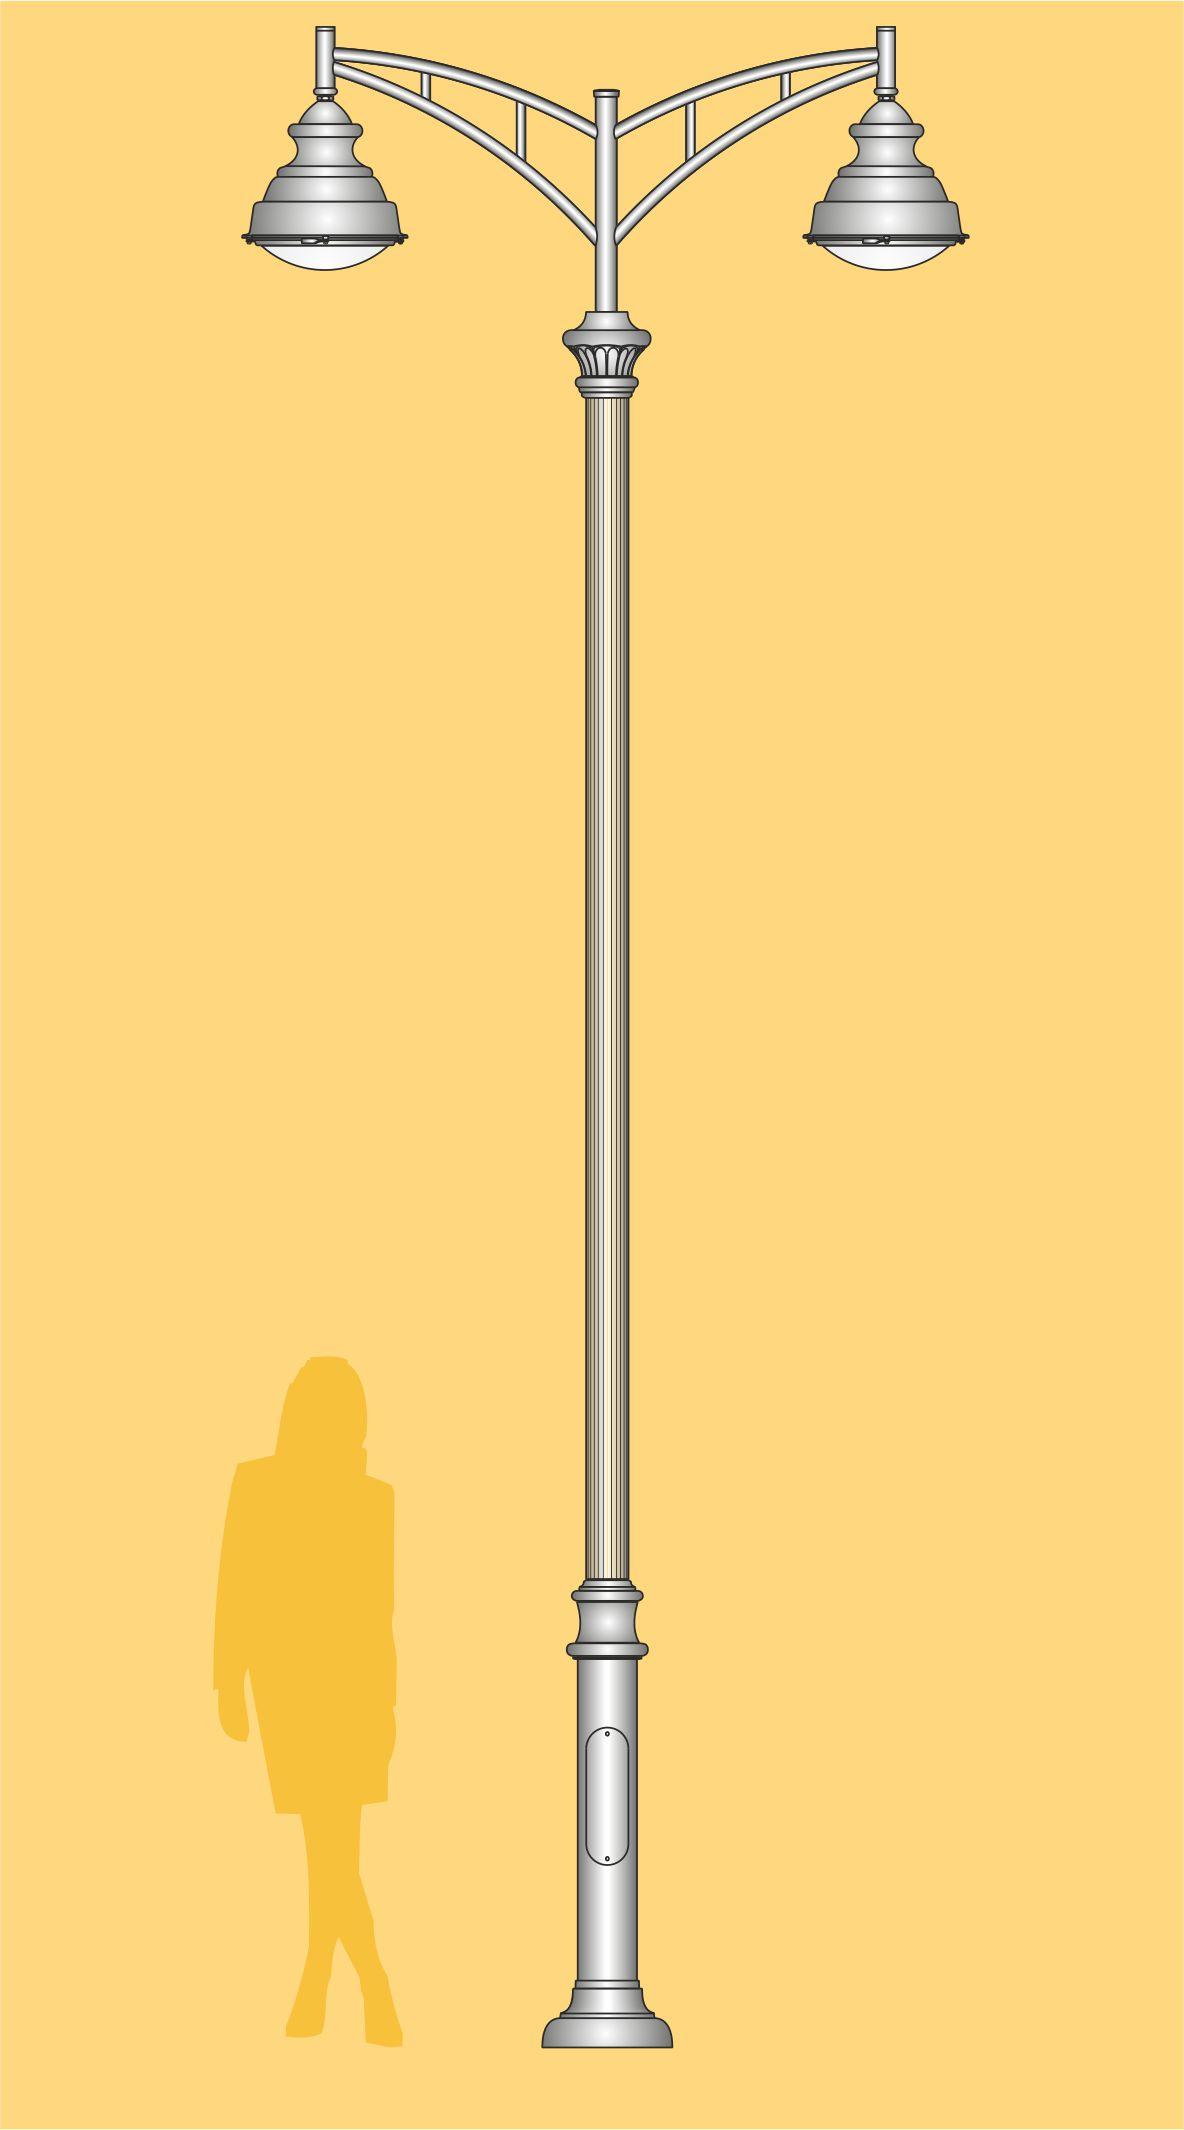 latarnia uliczna, latarnia stylizowana, oprawy LED, oświetlenie uliczne, oświetlenie LED, latarnia miejska